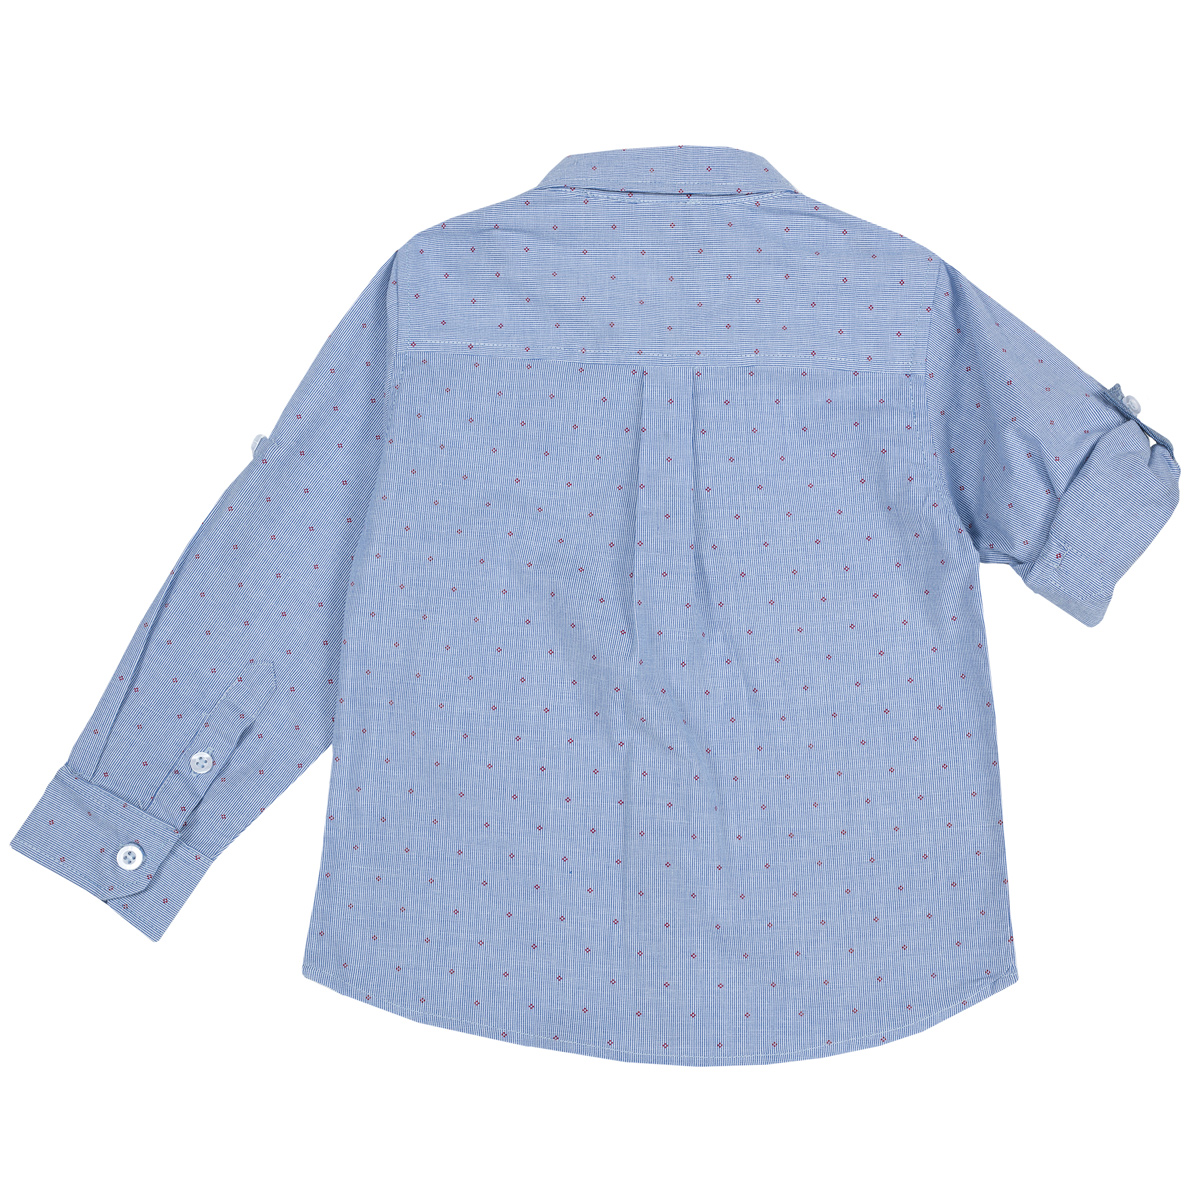 Camasa Copii Chicco, Maneca Lunga, Albastru Cu Roz, 54464 imagine